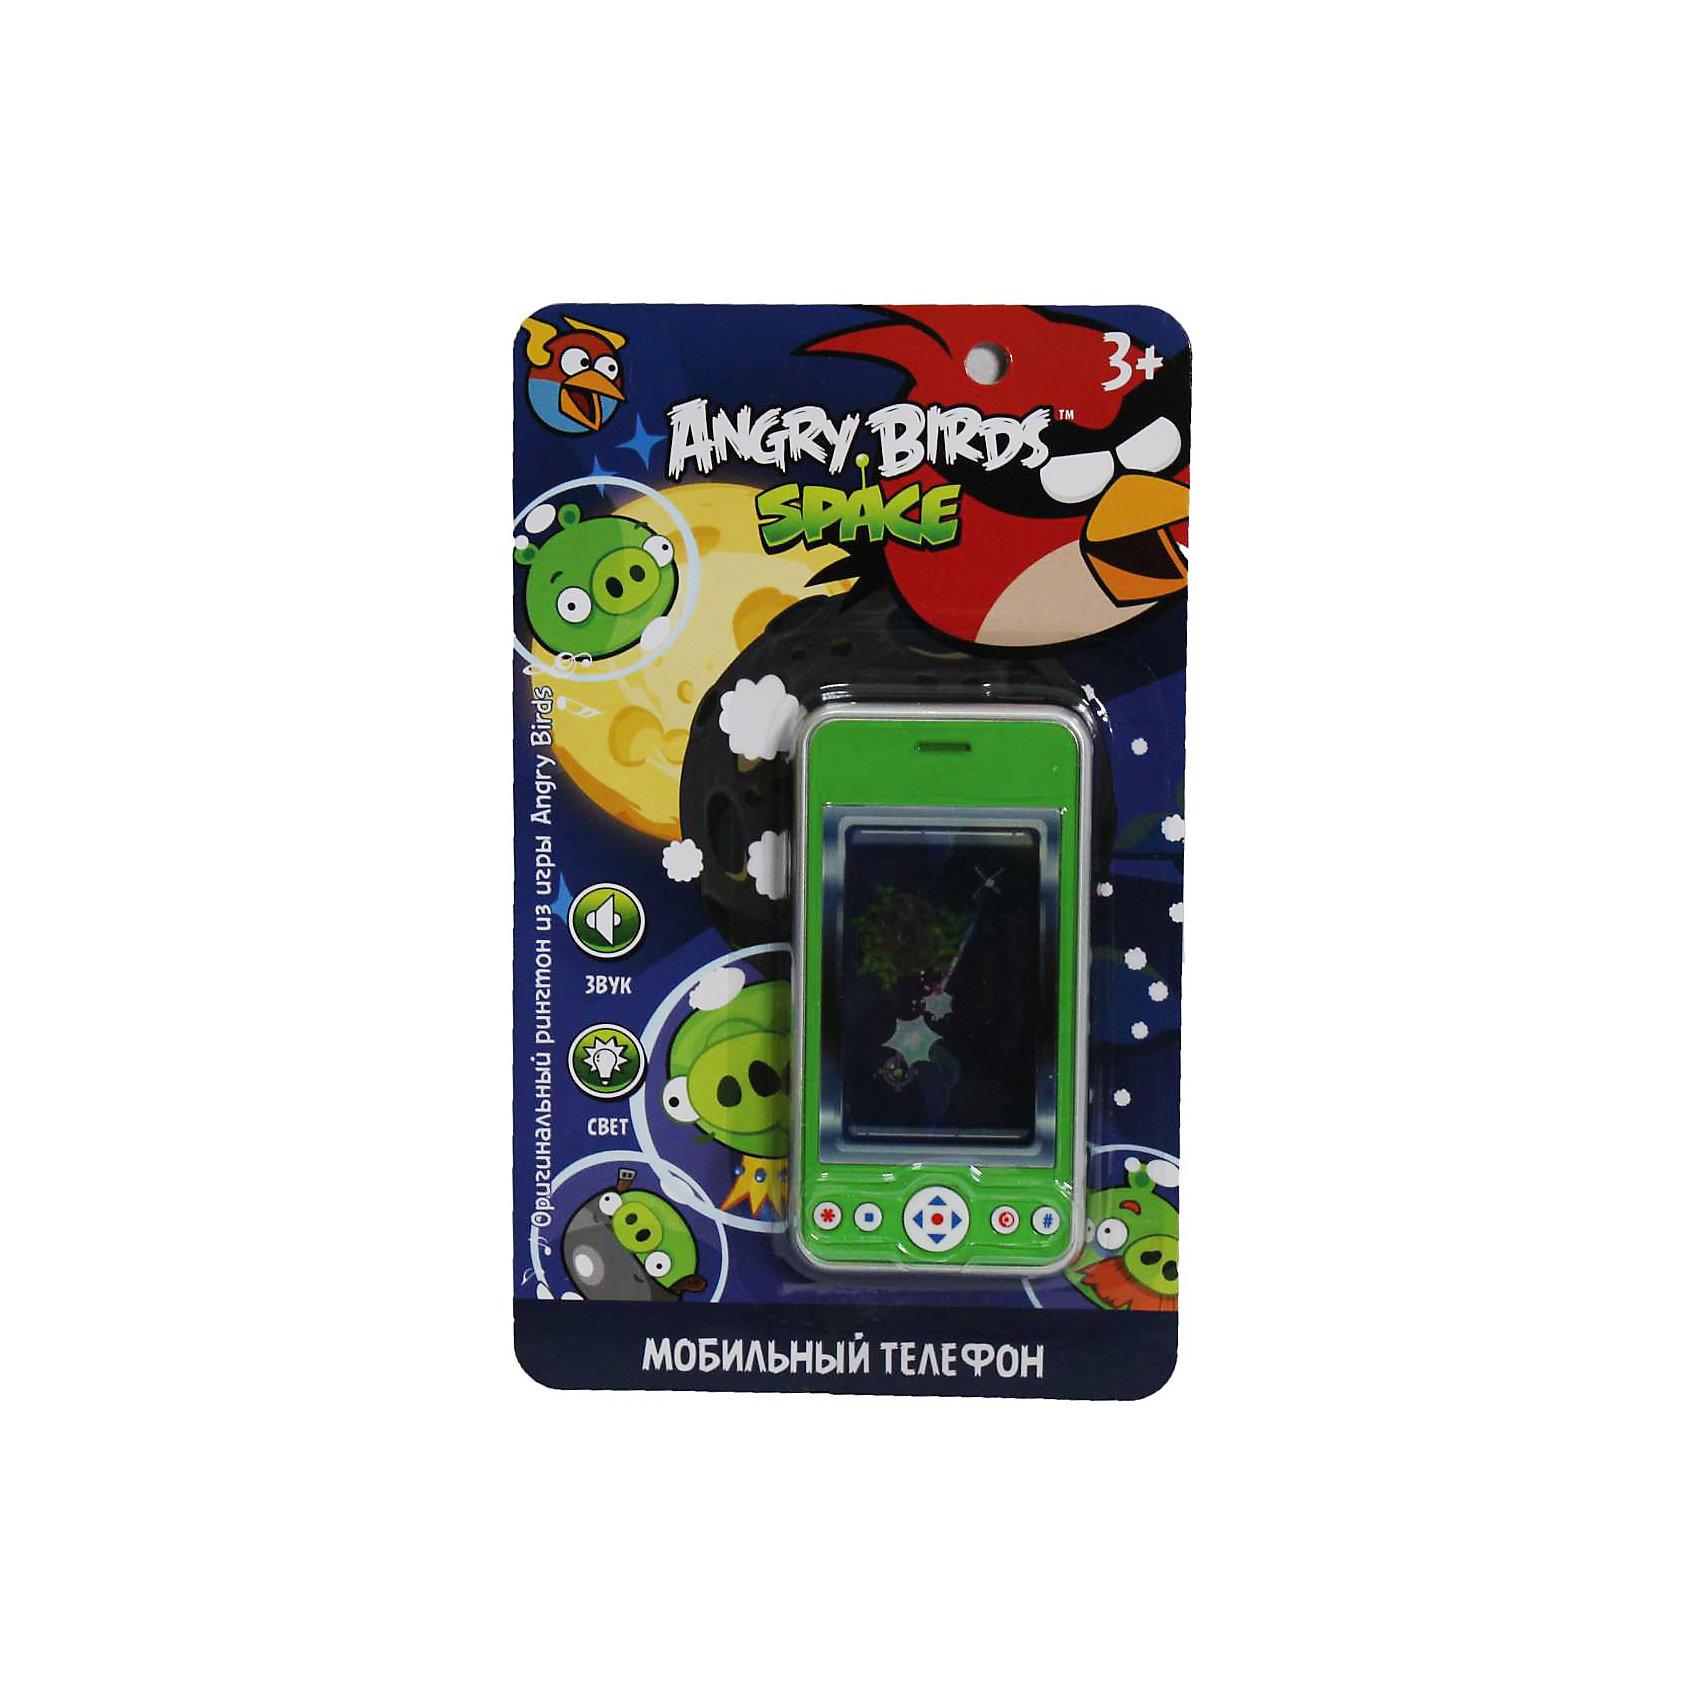 - Телефон со стилусом Айфон, Angry Birds, 1toy где телефон айфон в одессе отзывы